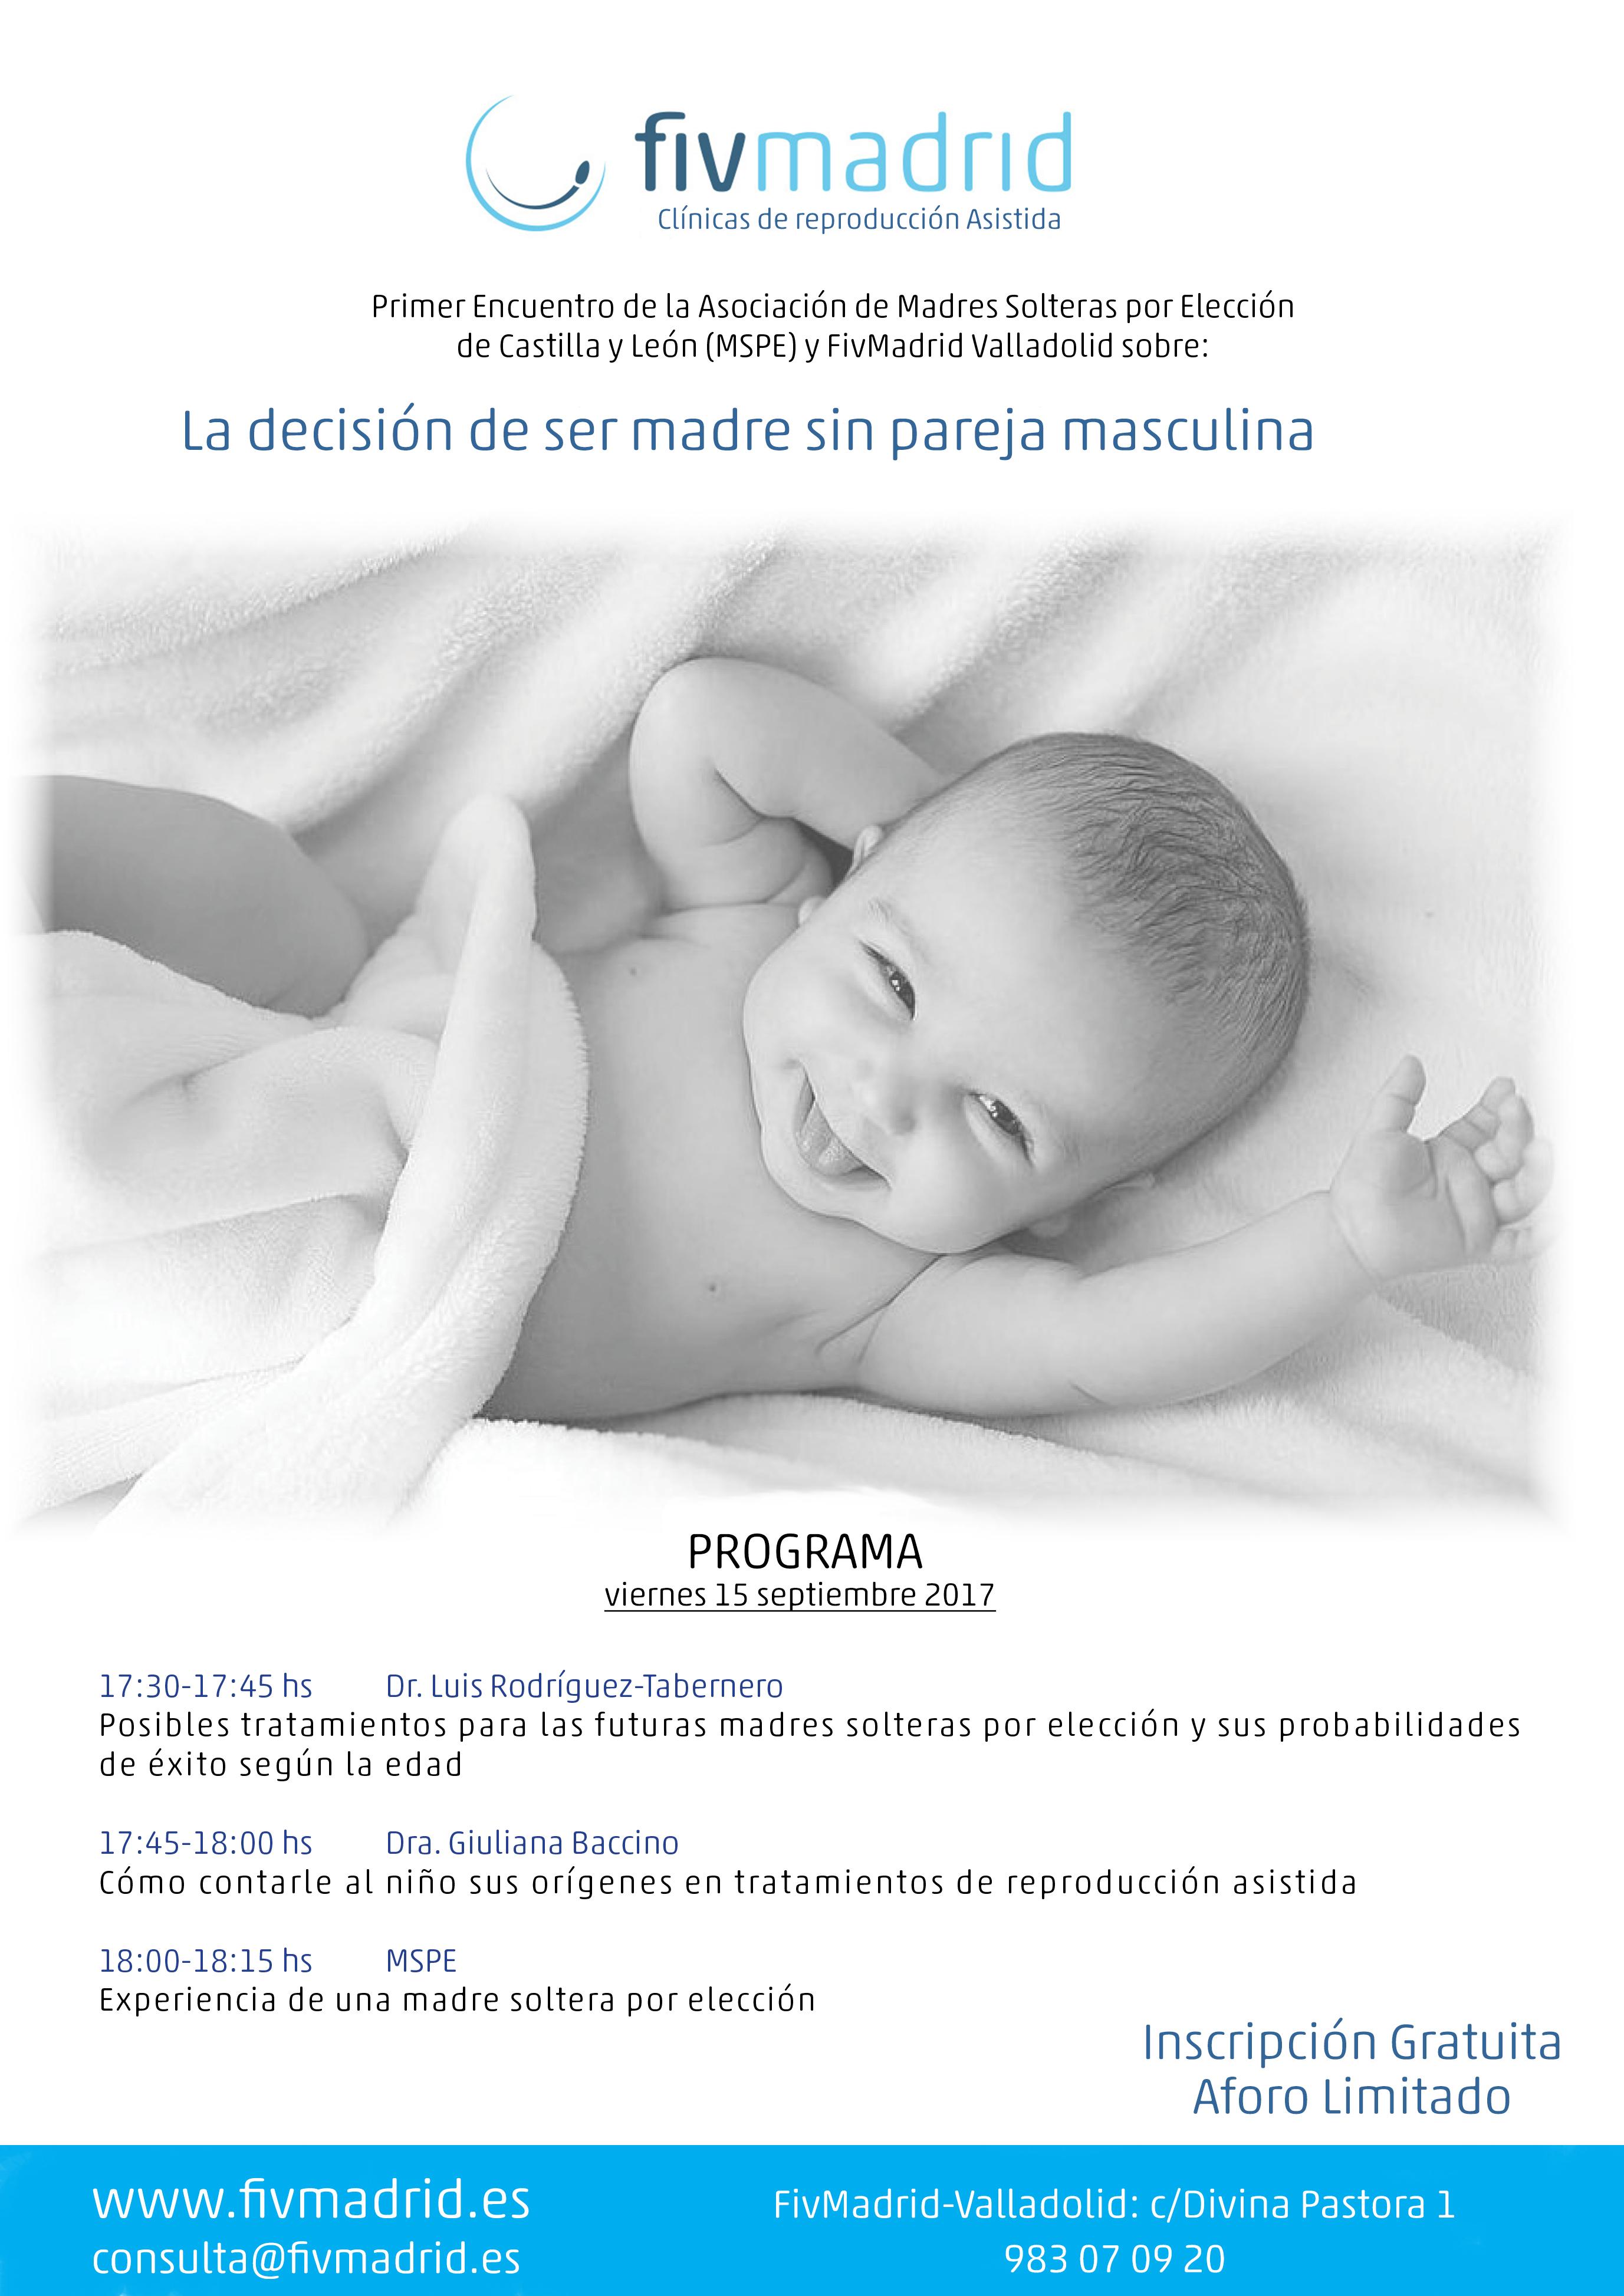 Encuentro en Valladolid madres solteras por elección